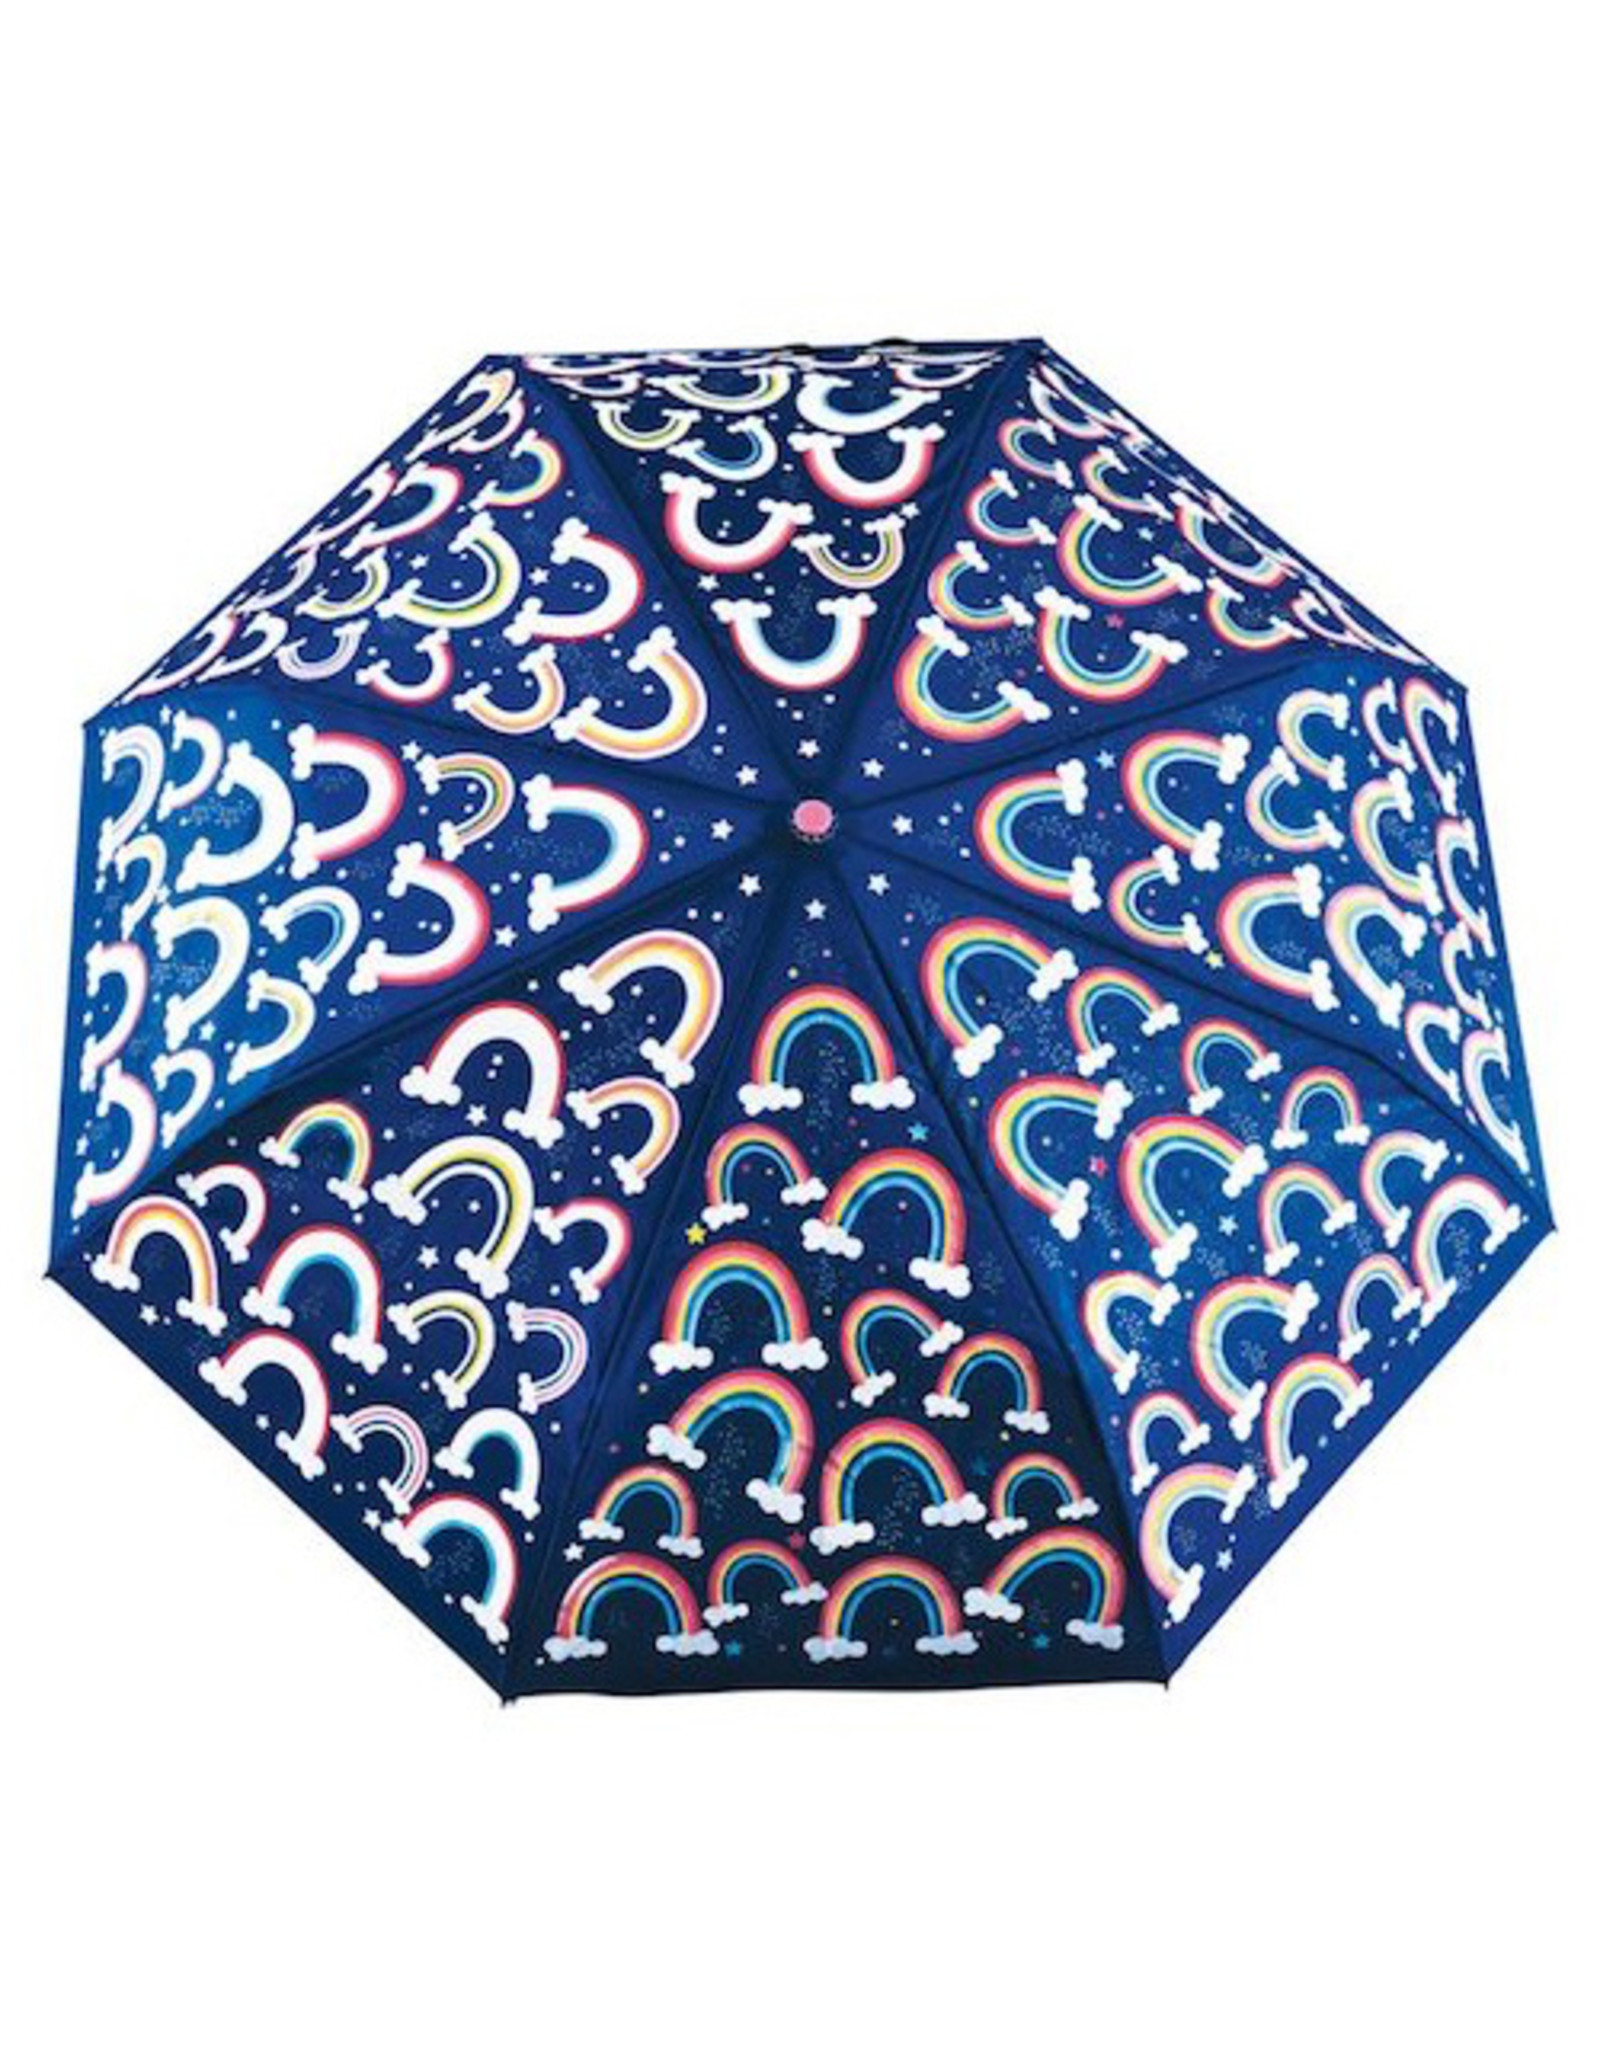 Floss & Rock Big Kids Umbrella